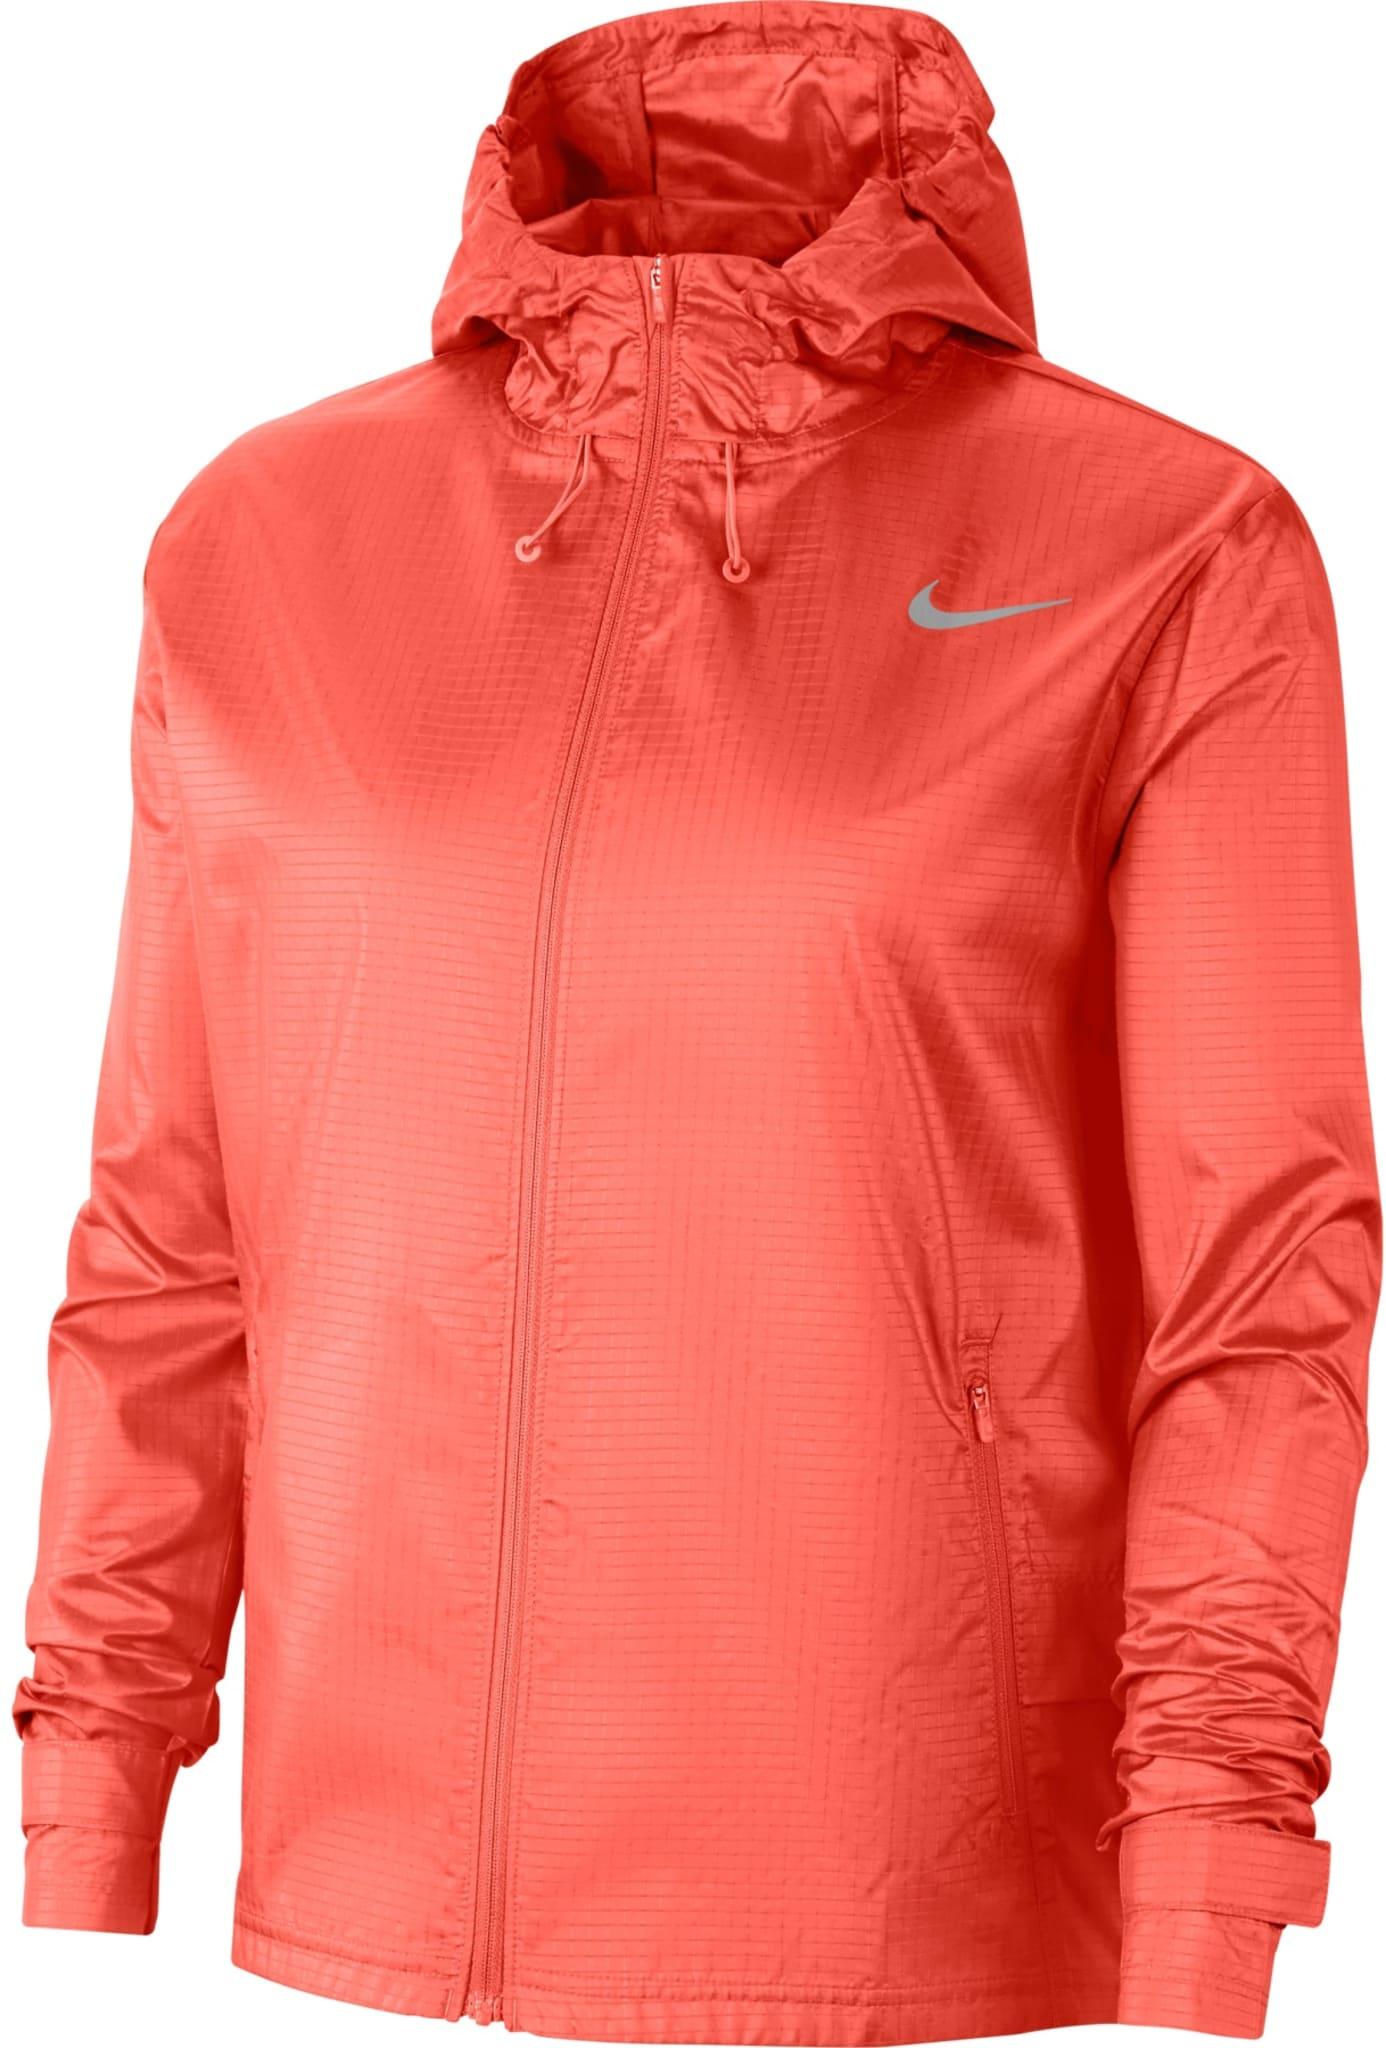 Essential Women's Running Jacket